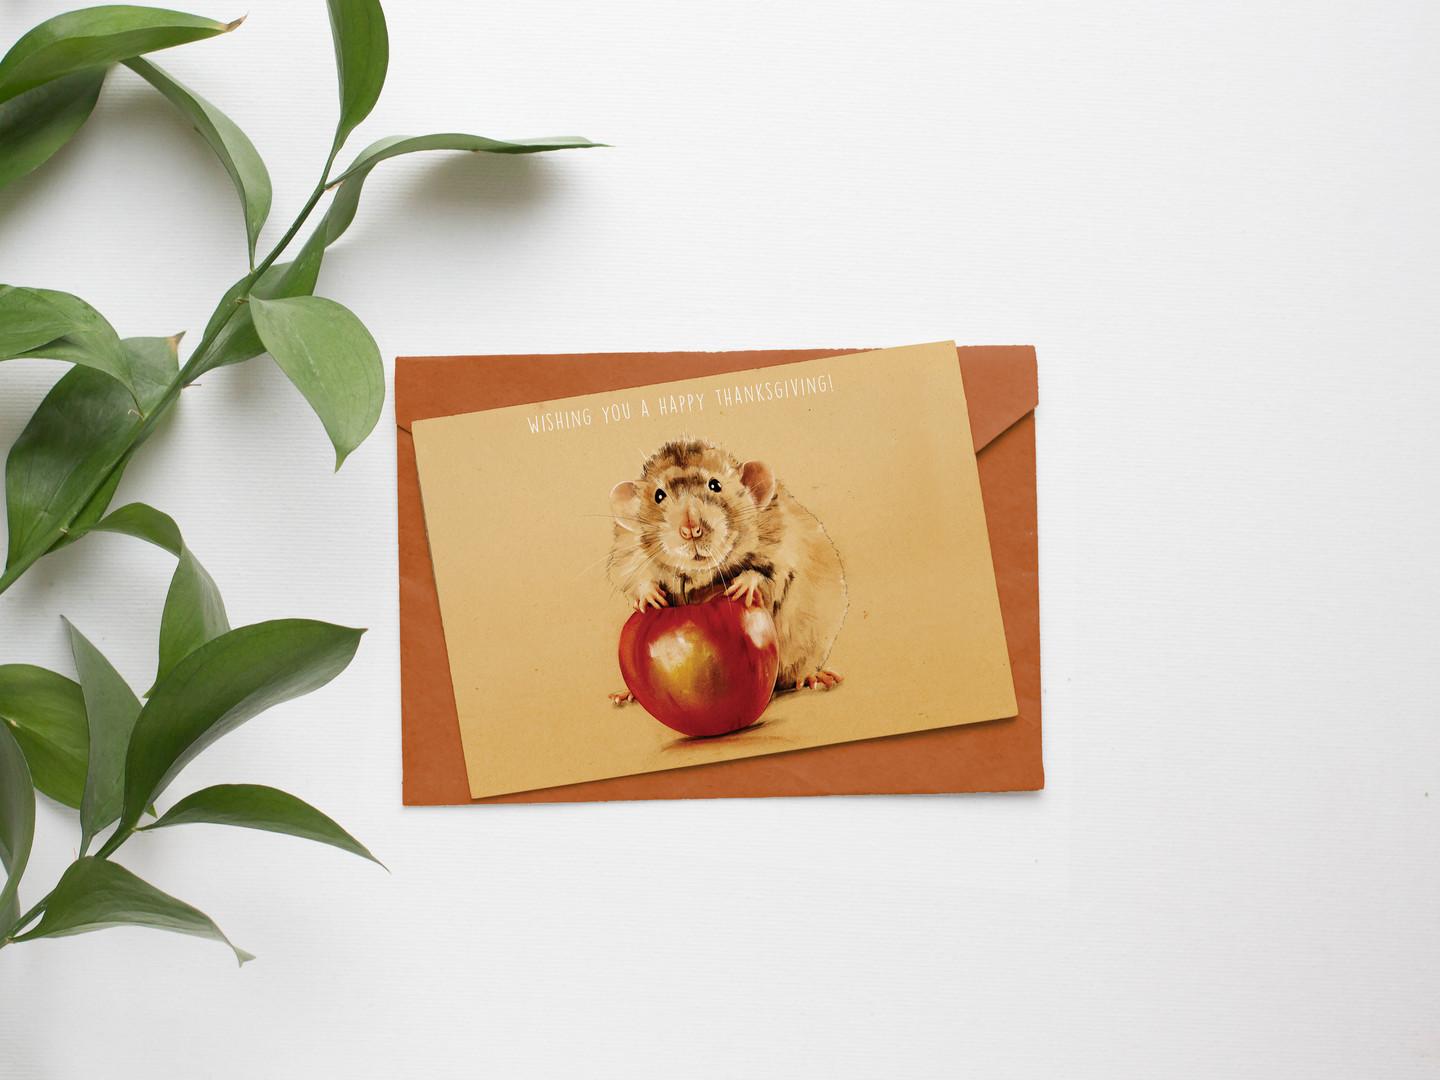 THANKSGIVING Invitation Card Mockup.jpg